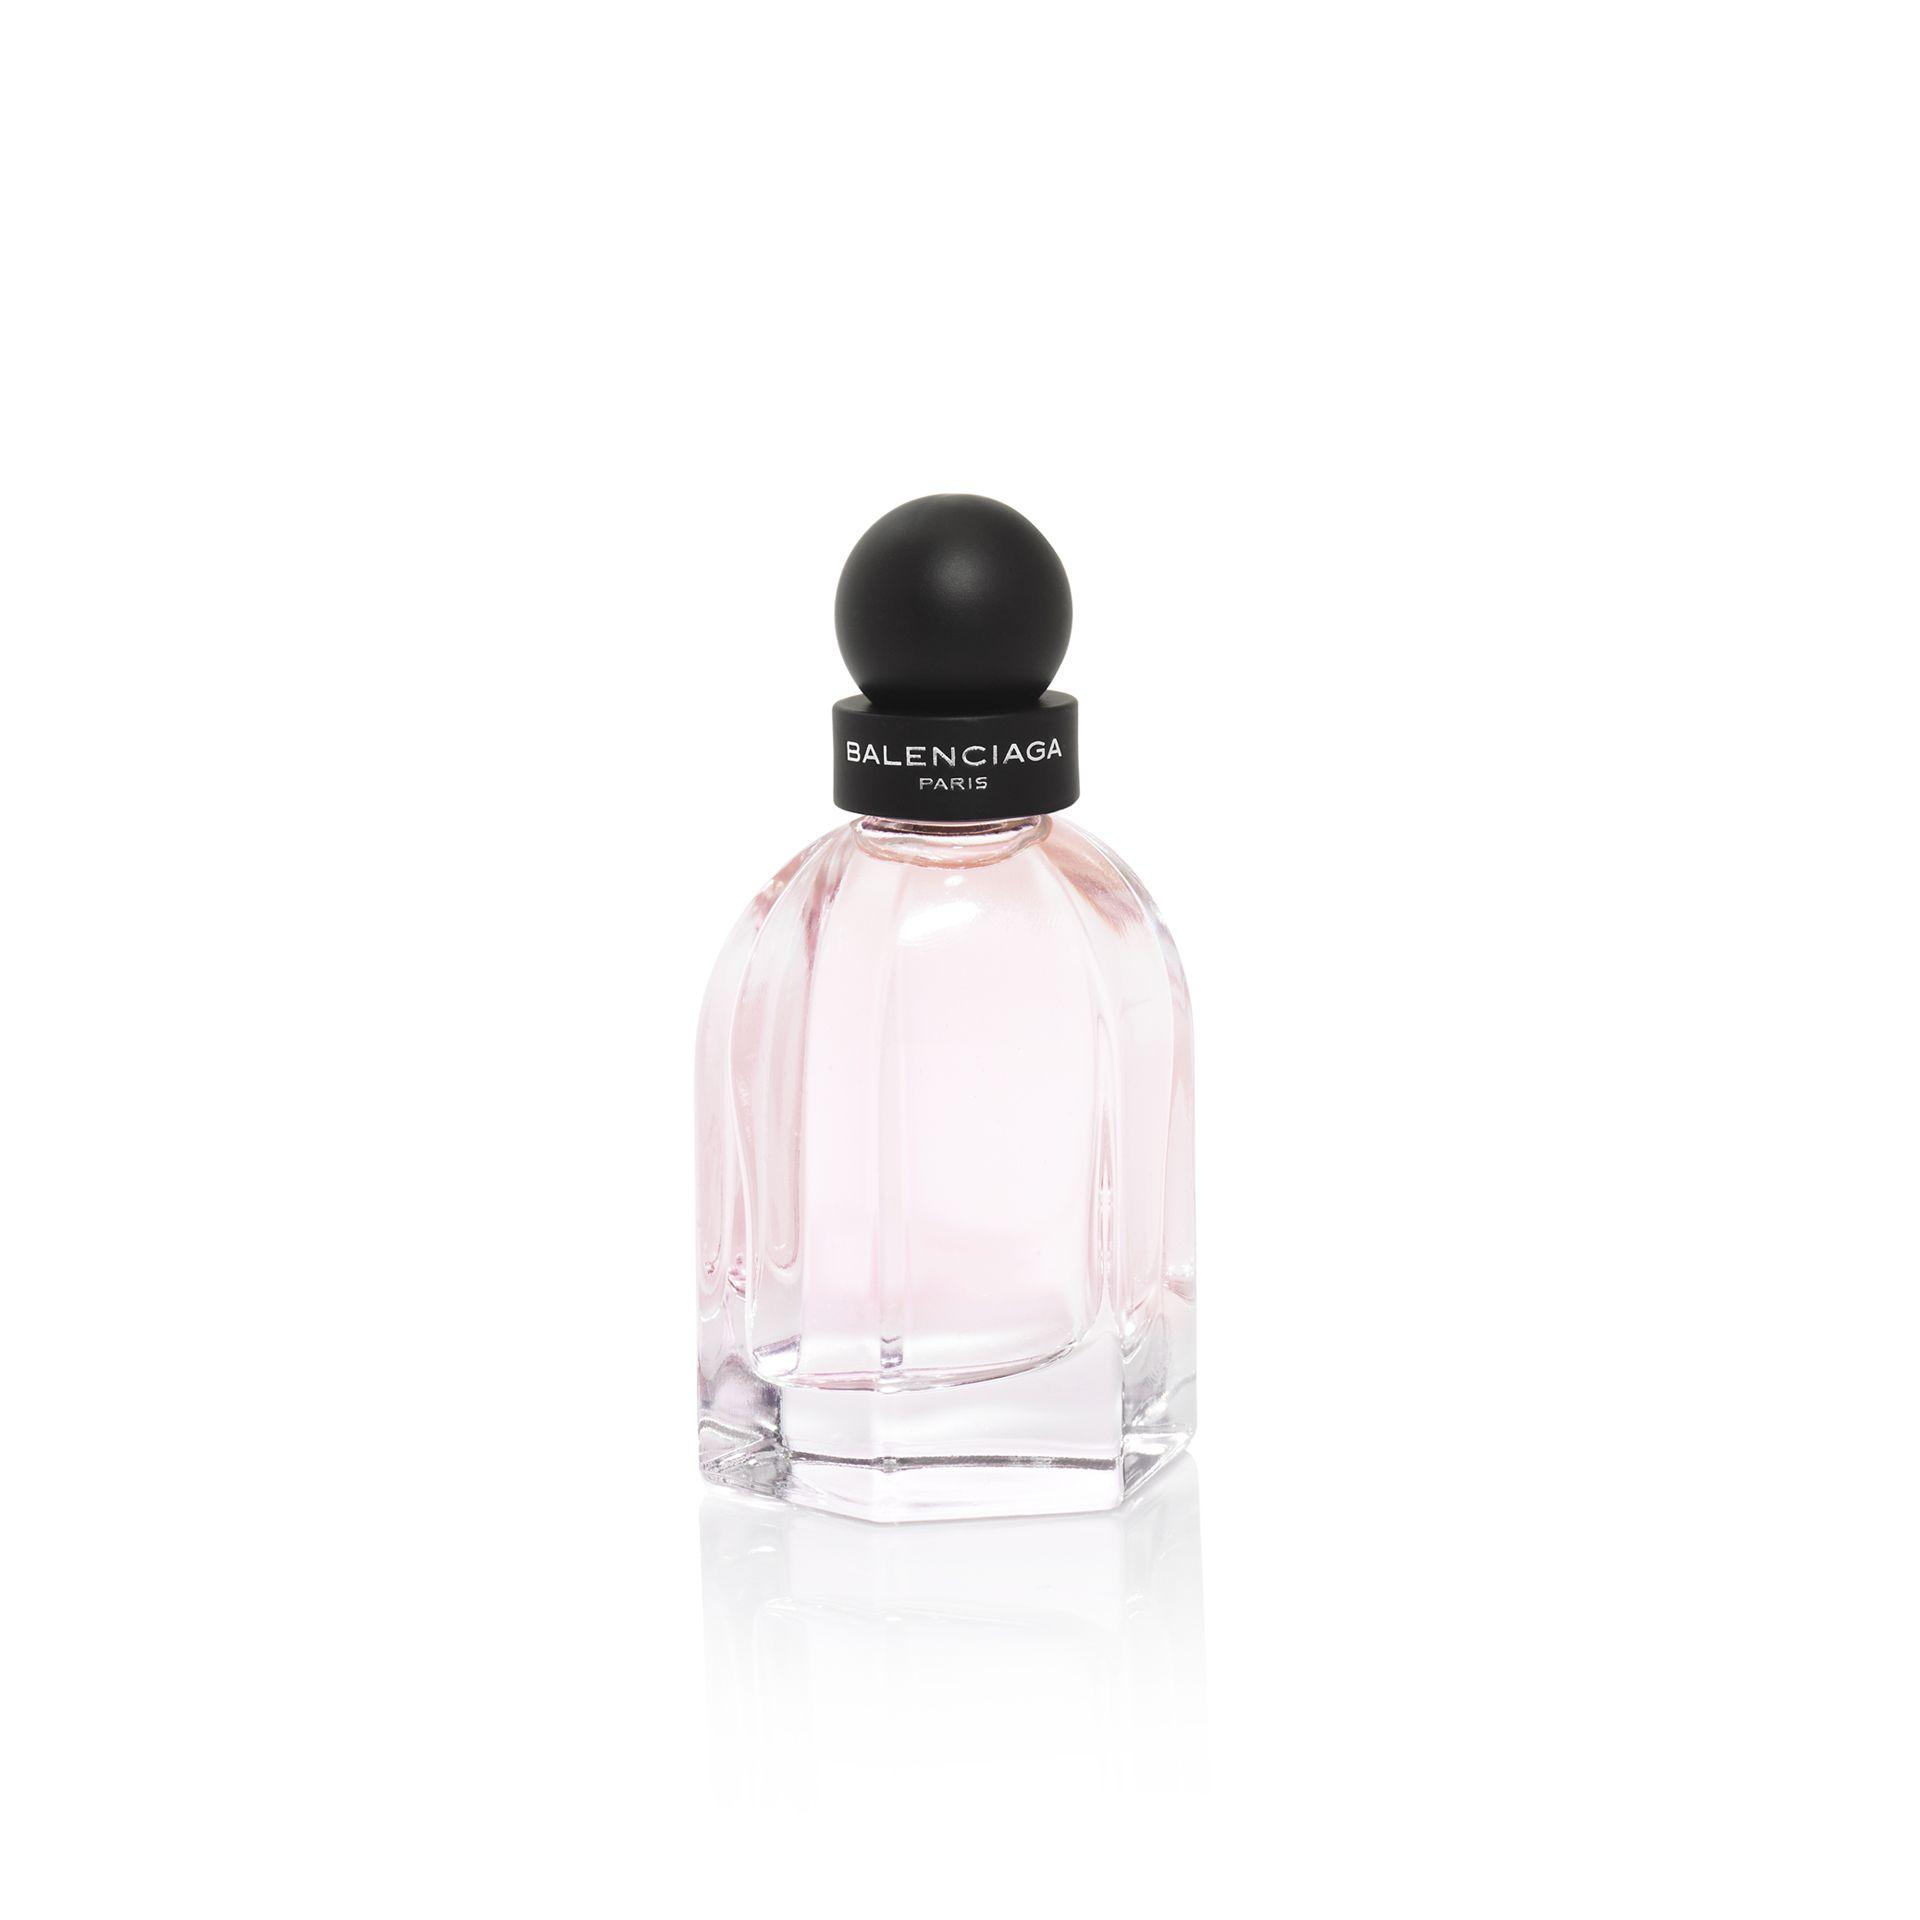 BALENCIAGA Balenciaga Eau Rose Eau de Toilette 50 ML Fragrance D f